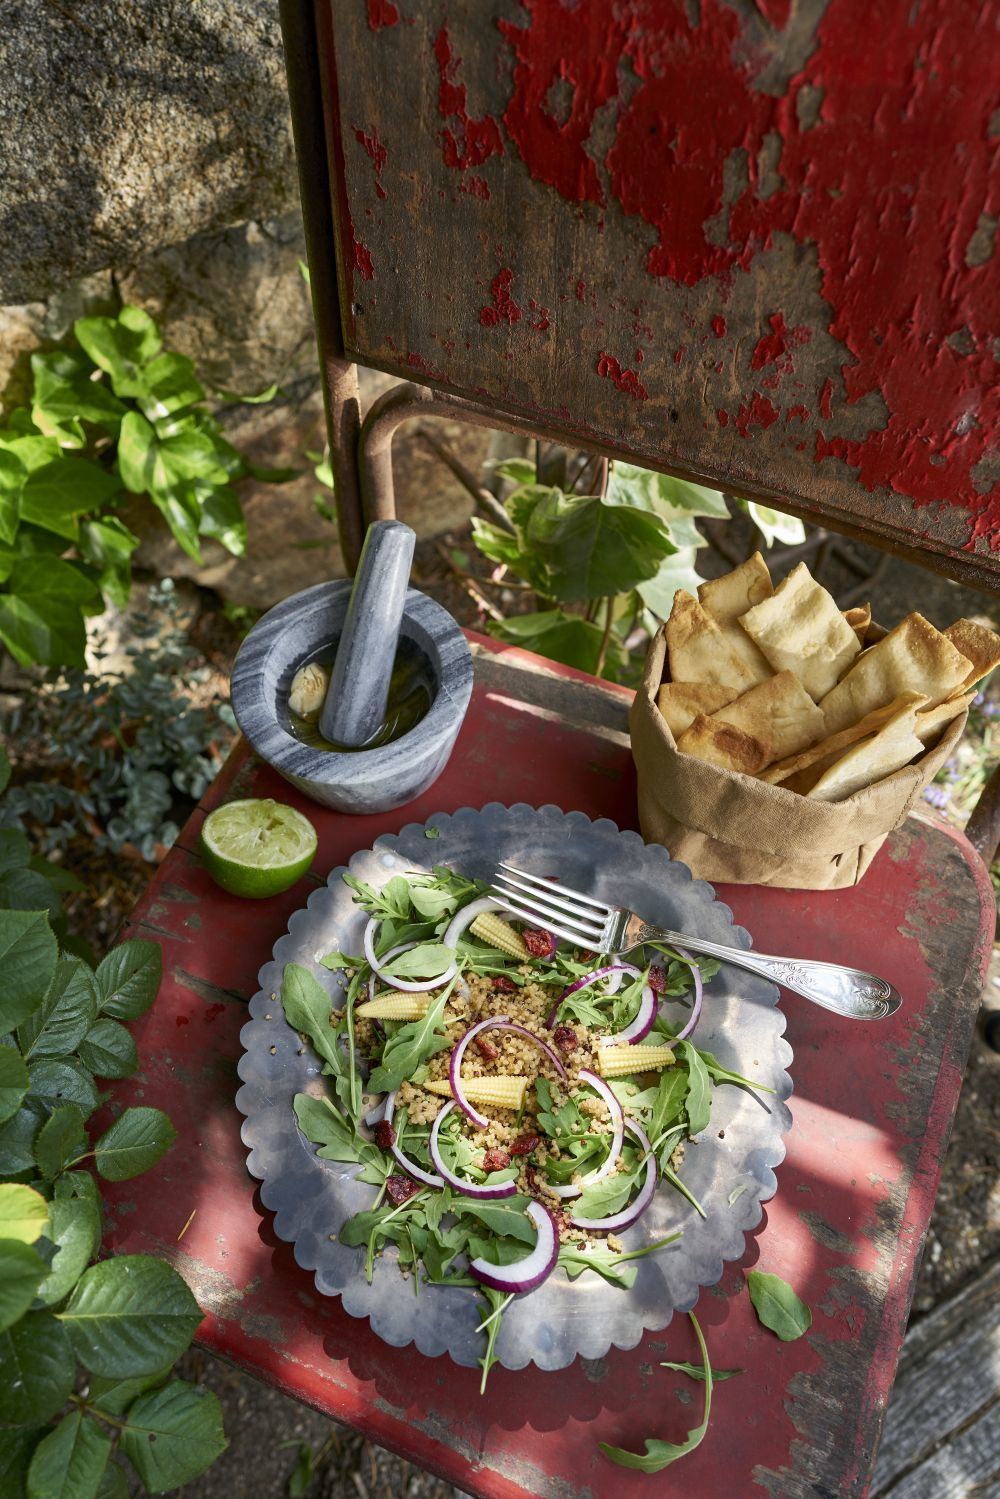 Ensalada de quinoa con rúcula, arándanos y maíz